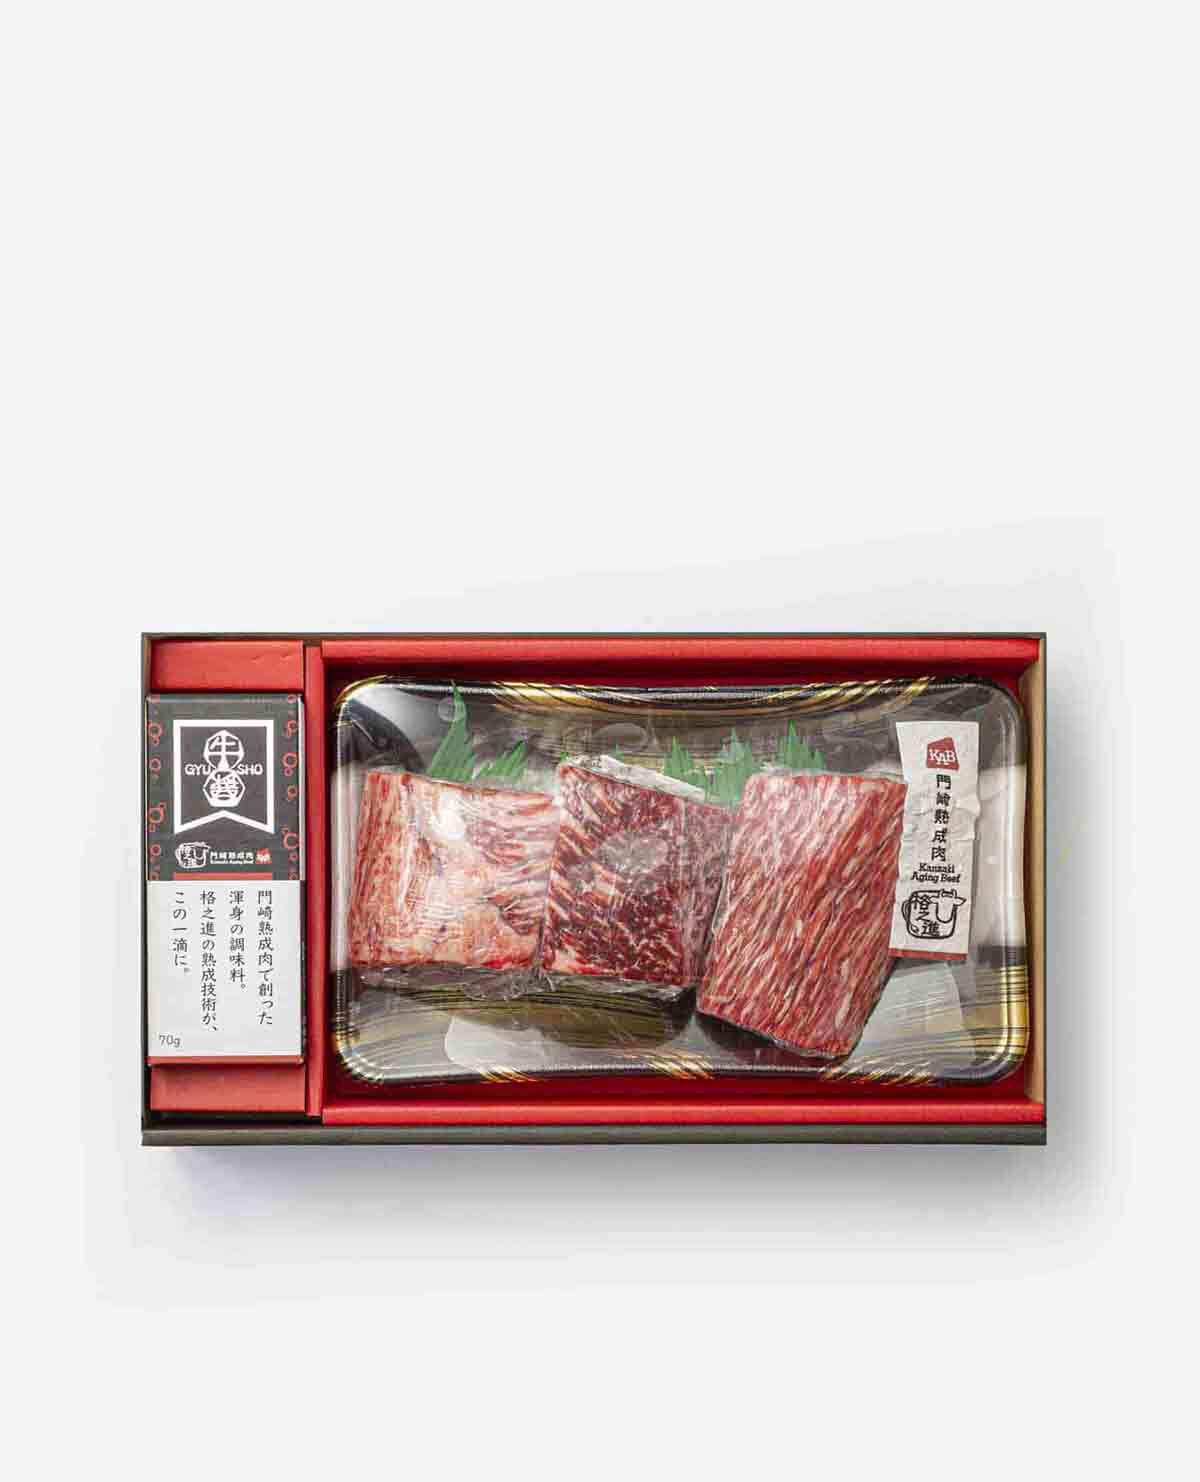 門崎熟成肉 塊焼・塊肉(霜降り120g×3個)&牛醤 ごちそうセット